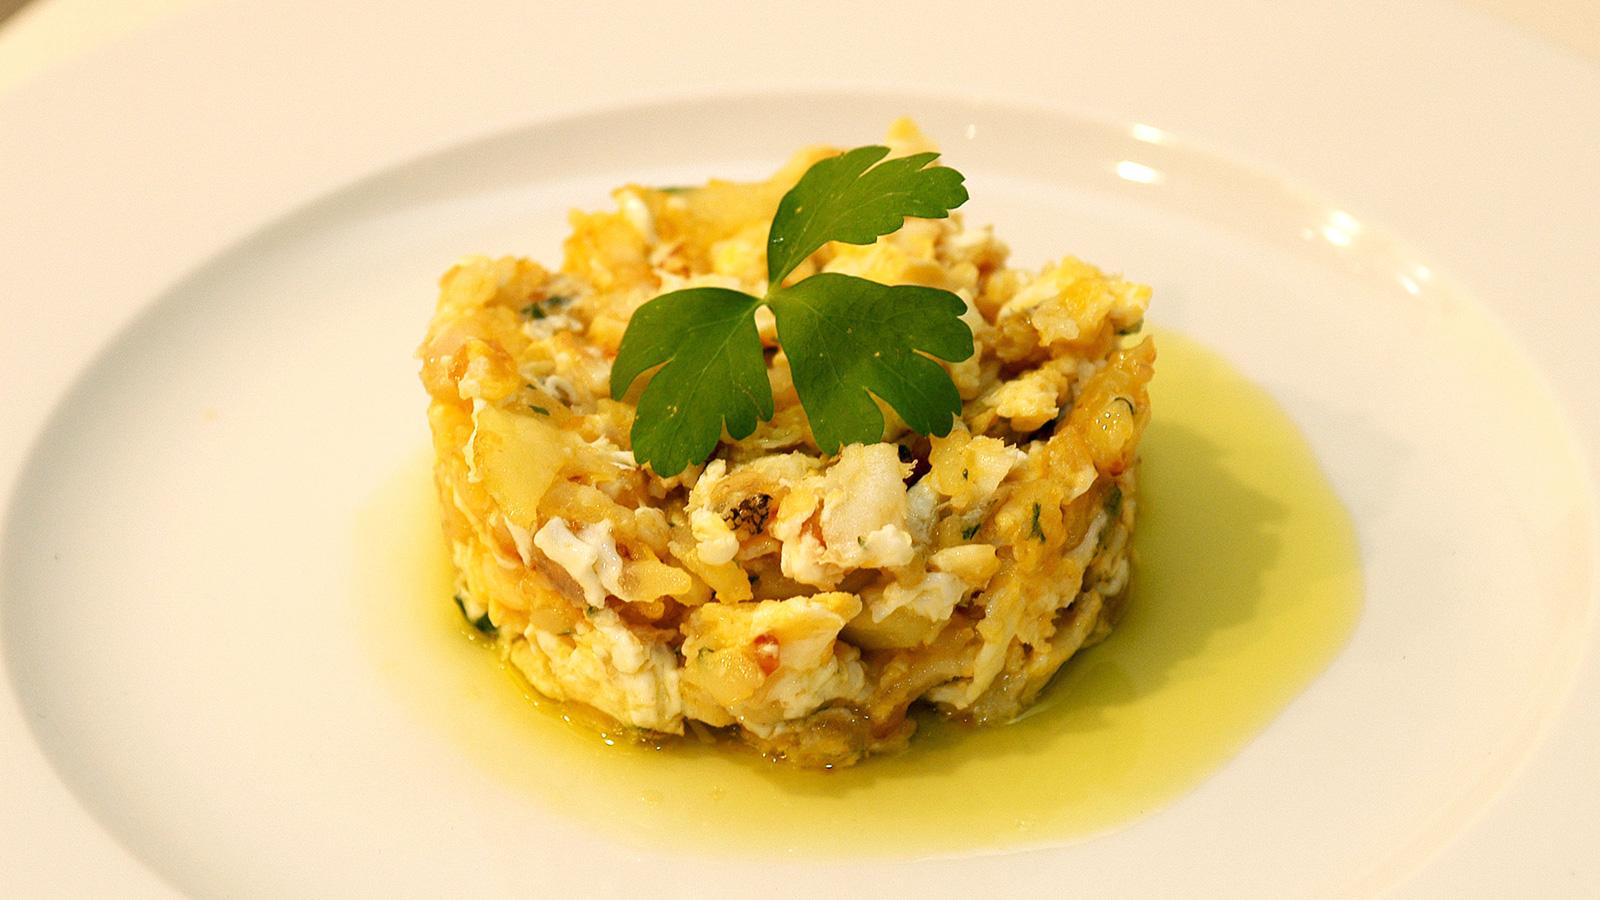 Bacalao con patata y huevo i aki oyarbide video receta for Cocina bacalao con patatas